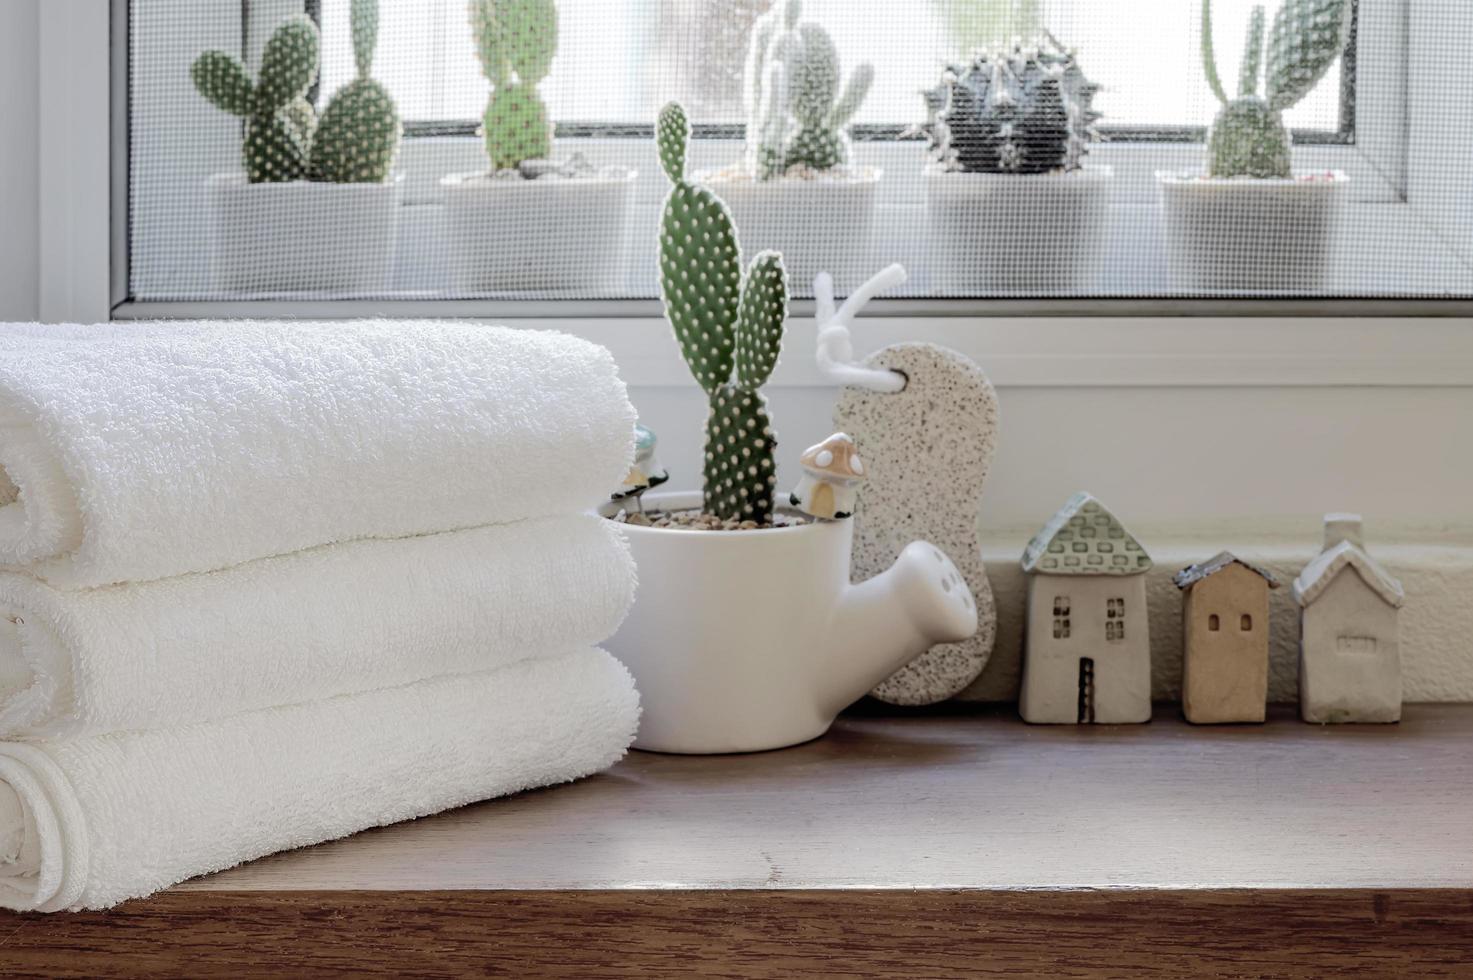 Serviettes propres pliées avec plante d'intérieur sur comptoir en bois photo